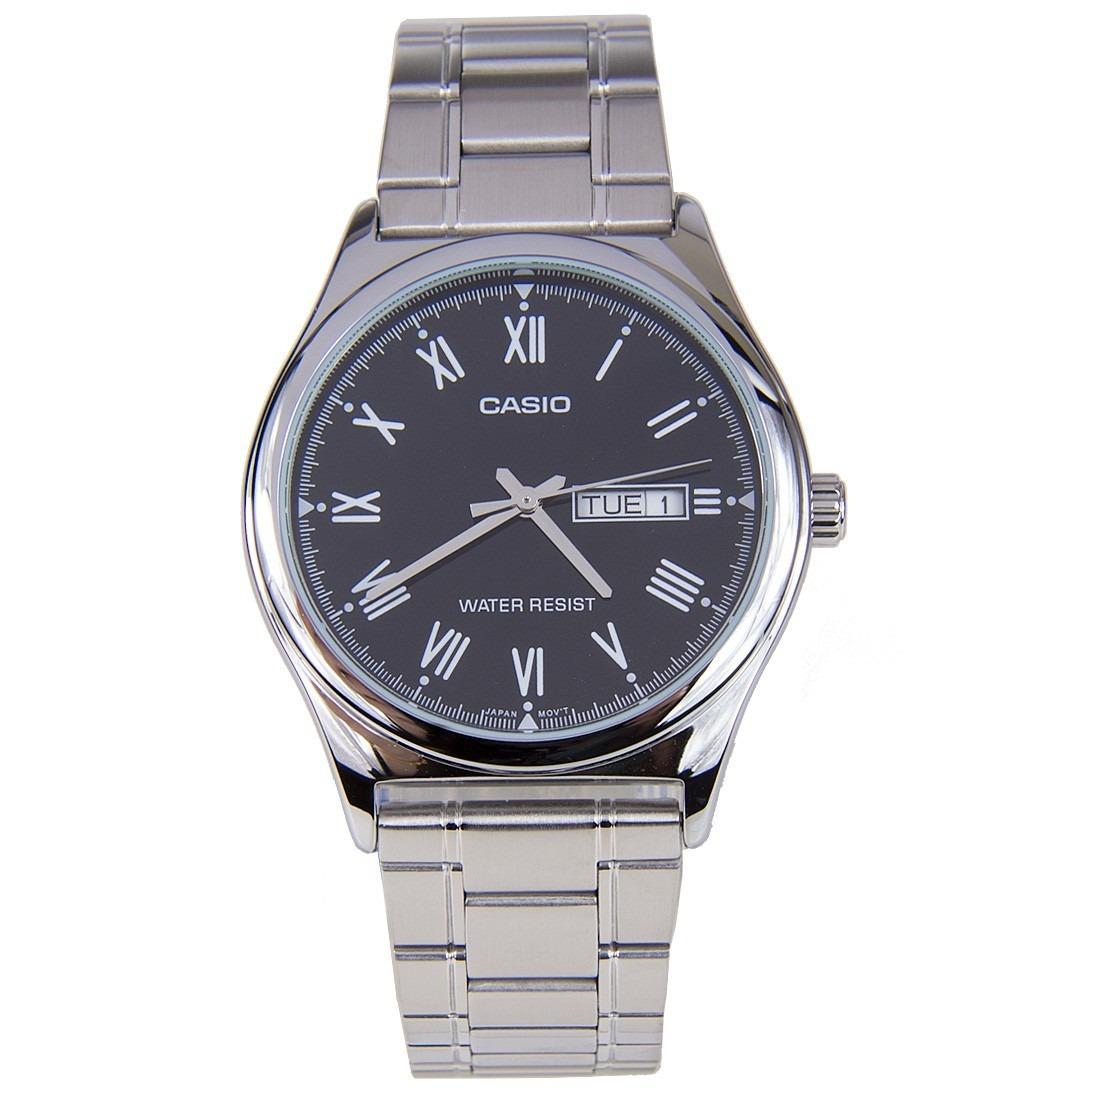 5a544c43f369 Reloj Análogo Hombre Casio Mtp-v006d-1b - Pulso Metálico -   81.900 ...